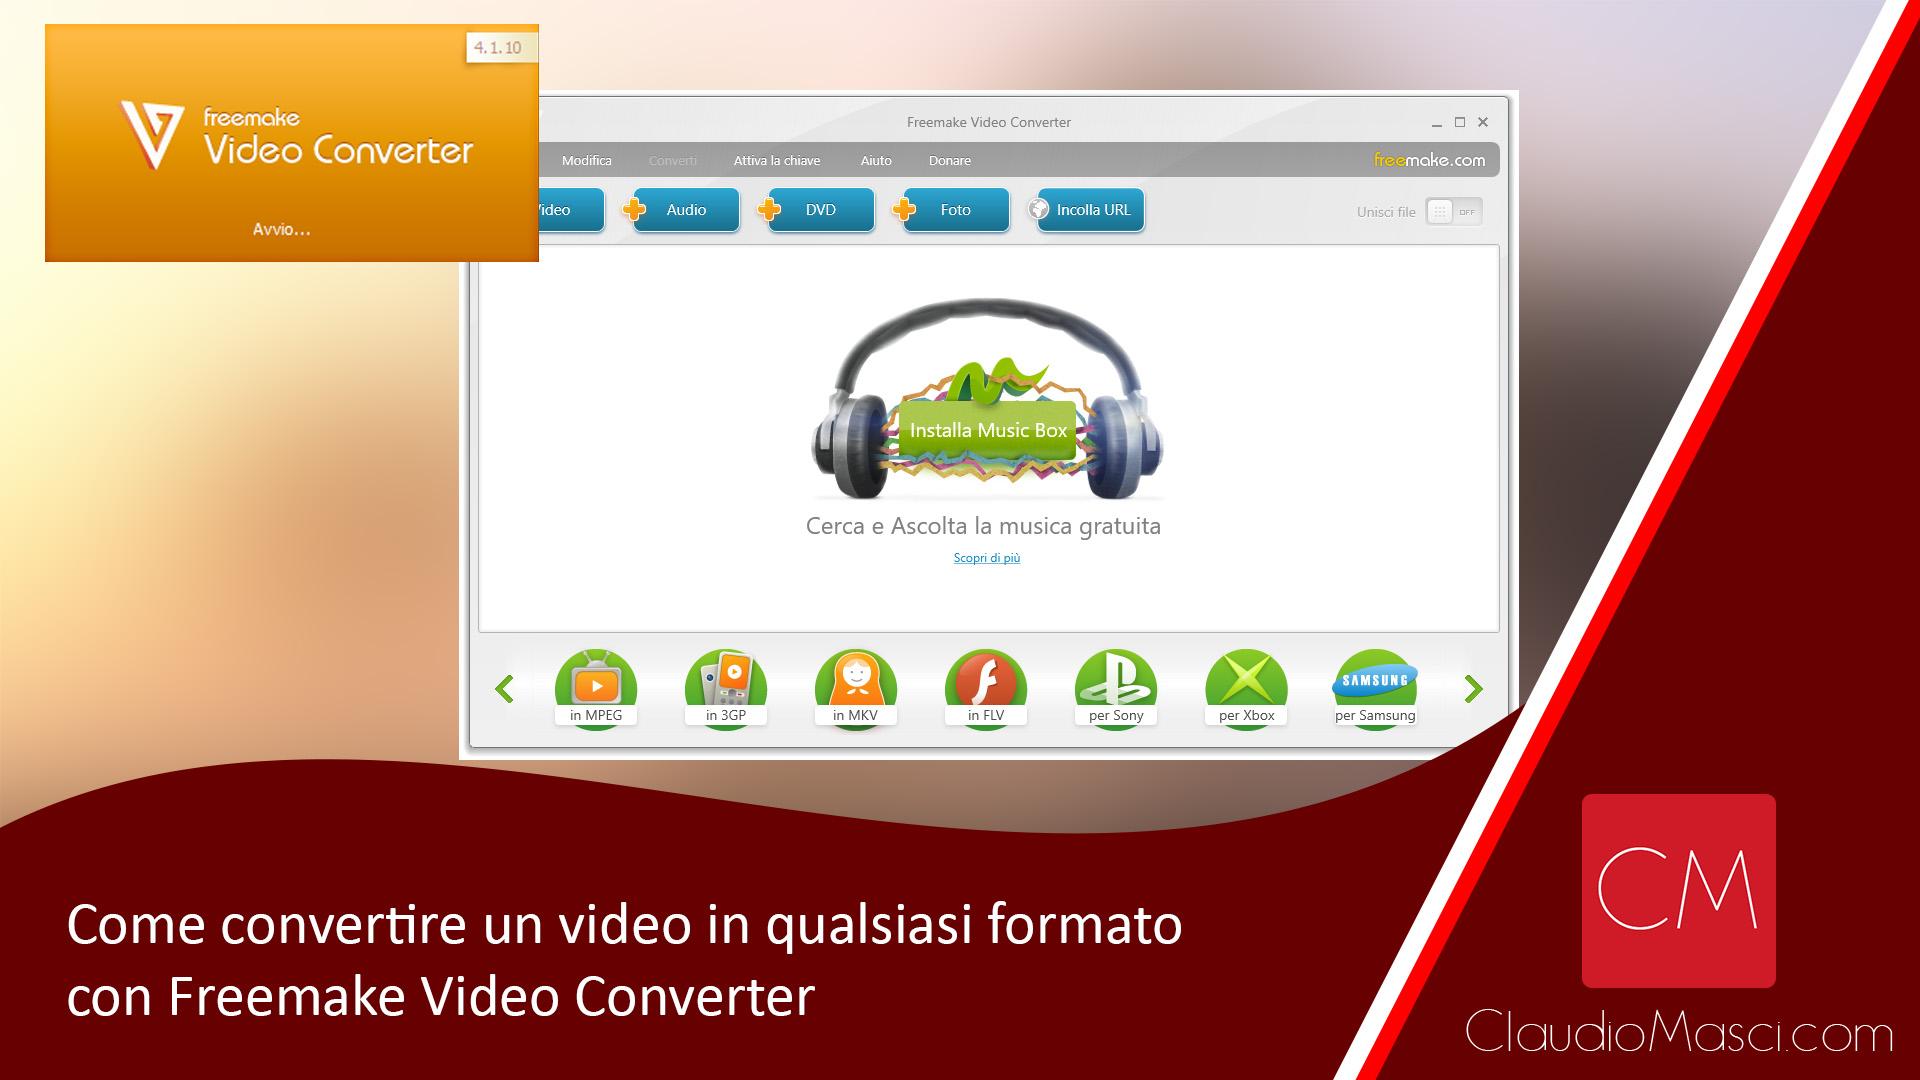 Come convertire un video in qualsiasi formato con Freemake Video Converter